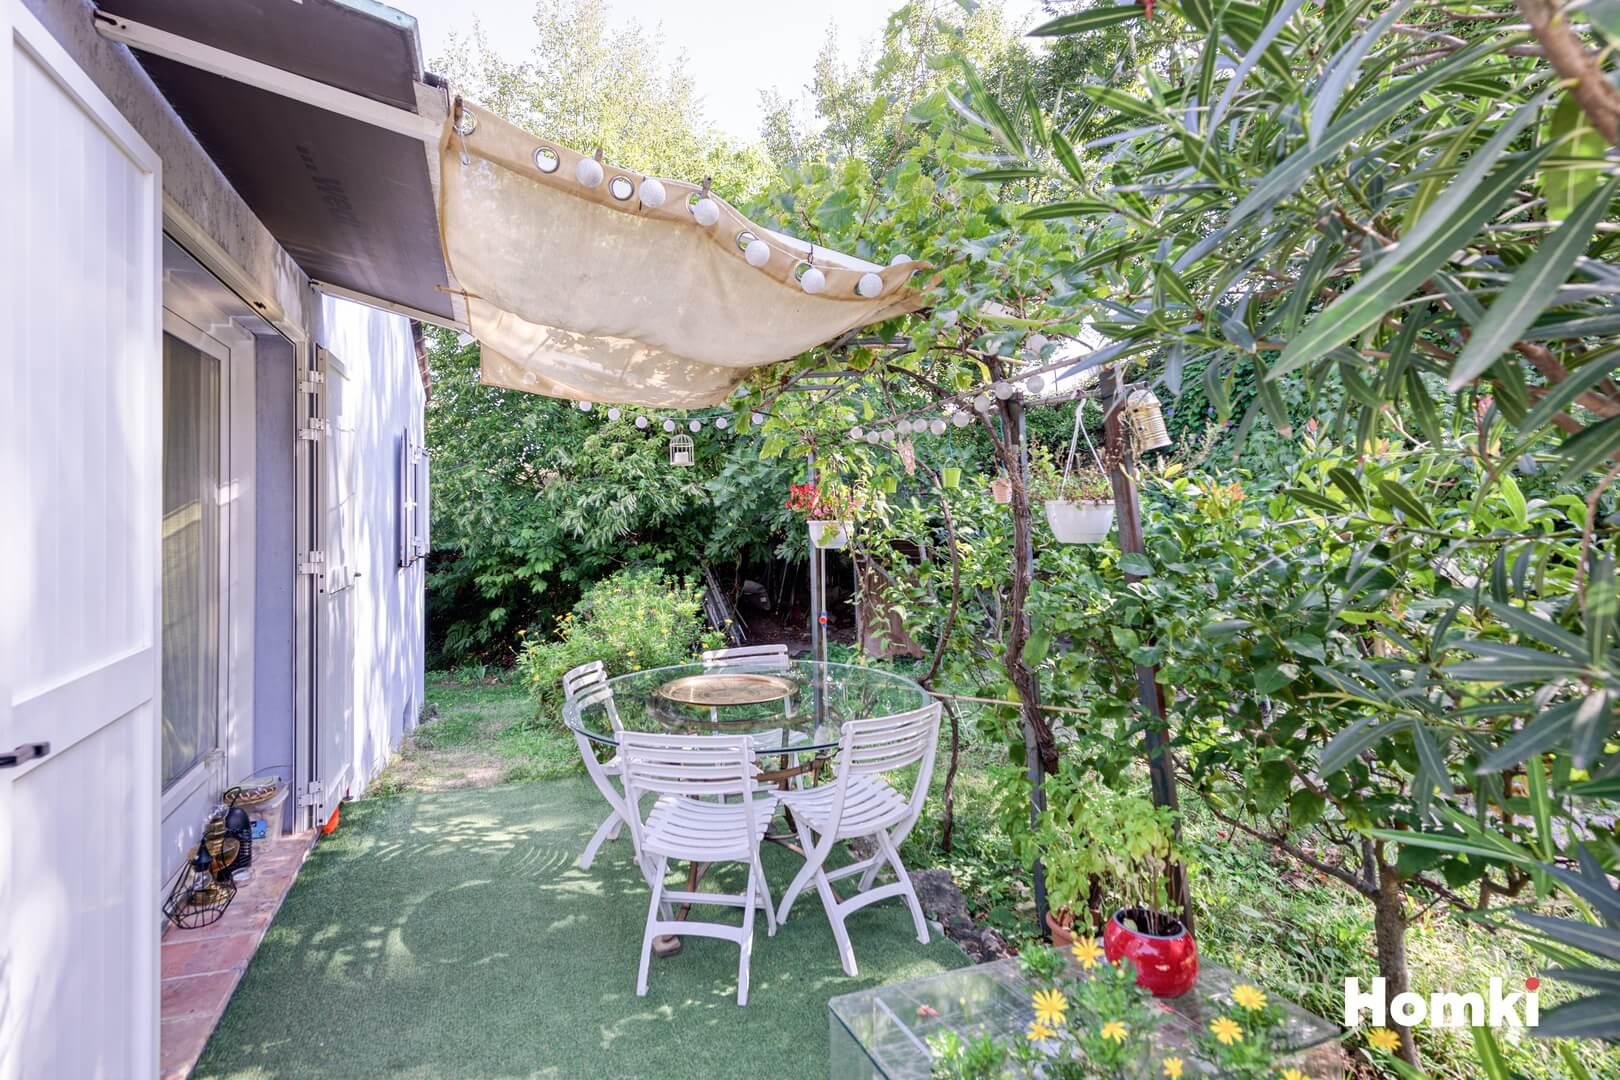 Homki - Vente Maison/villa  de 130.0 m² à Vence 06140